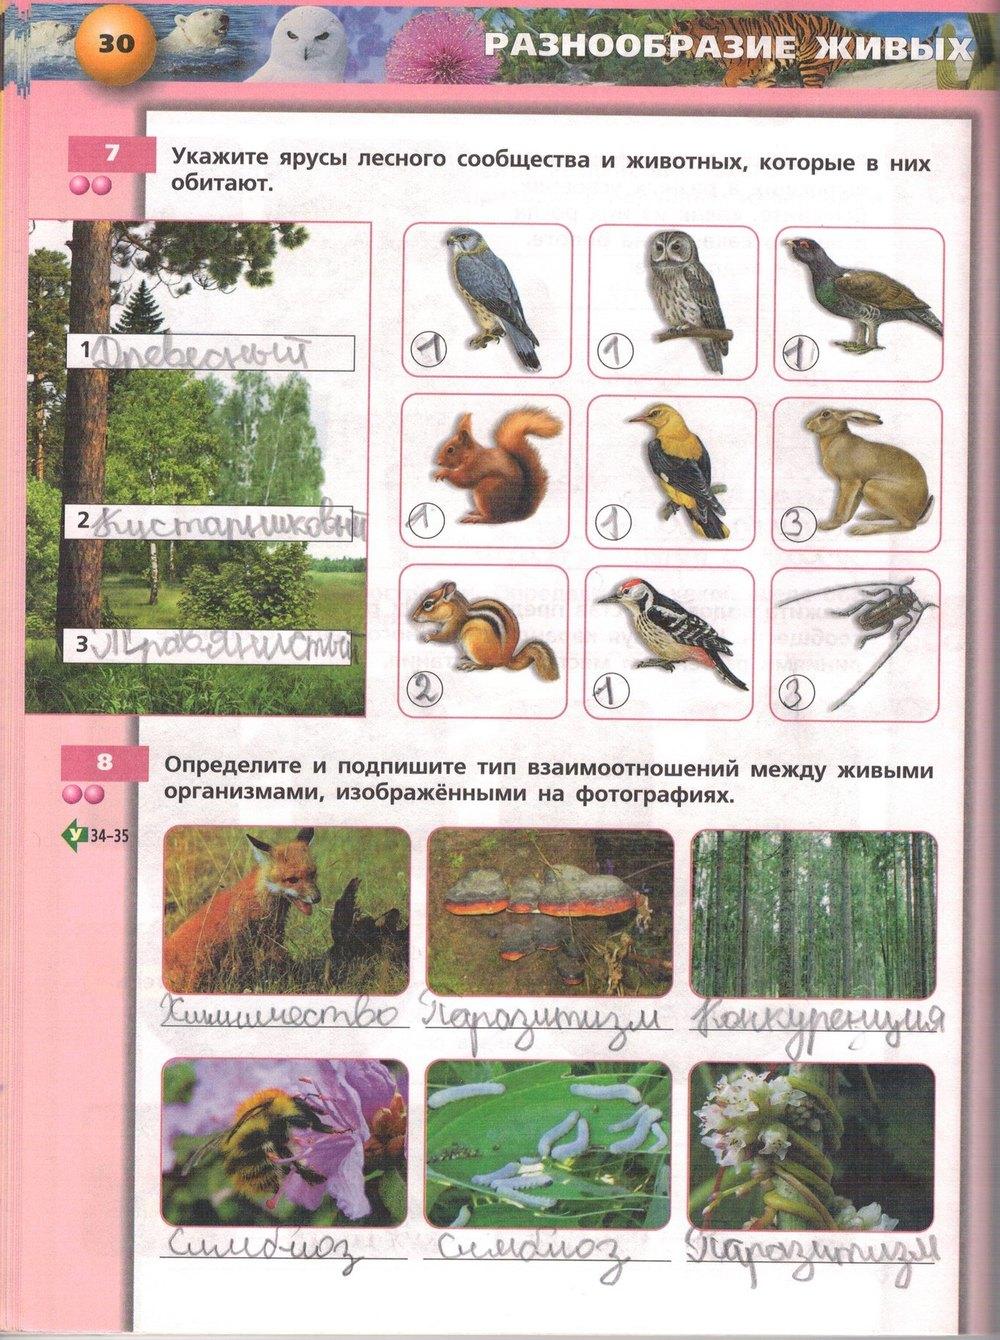 Организм тетрадь гдз класс рабочая 6 биология живой